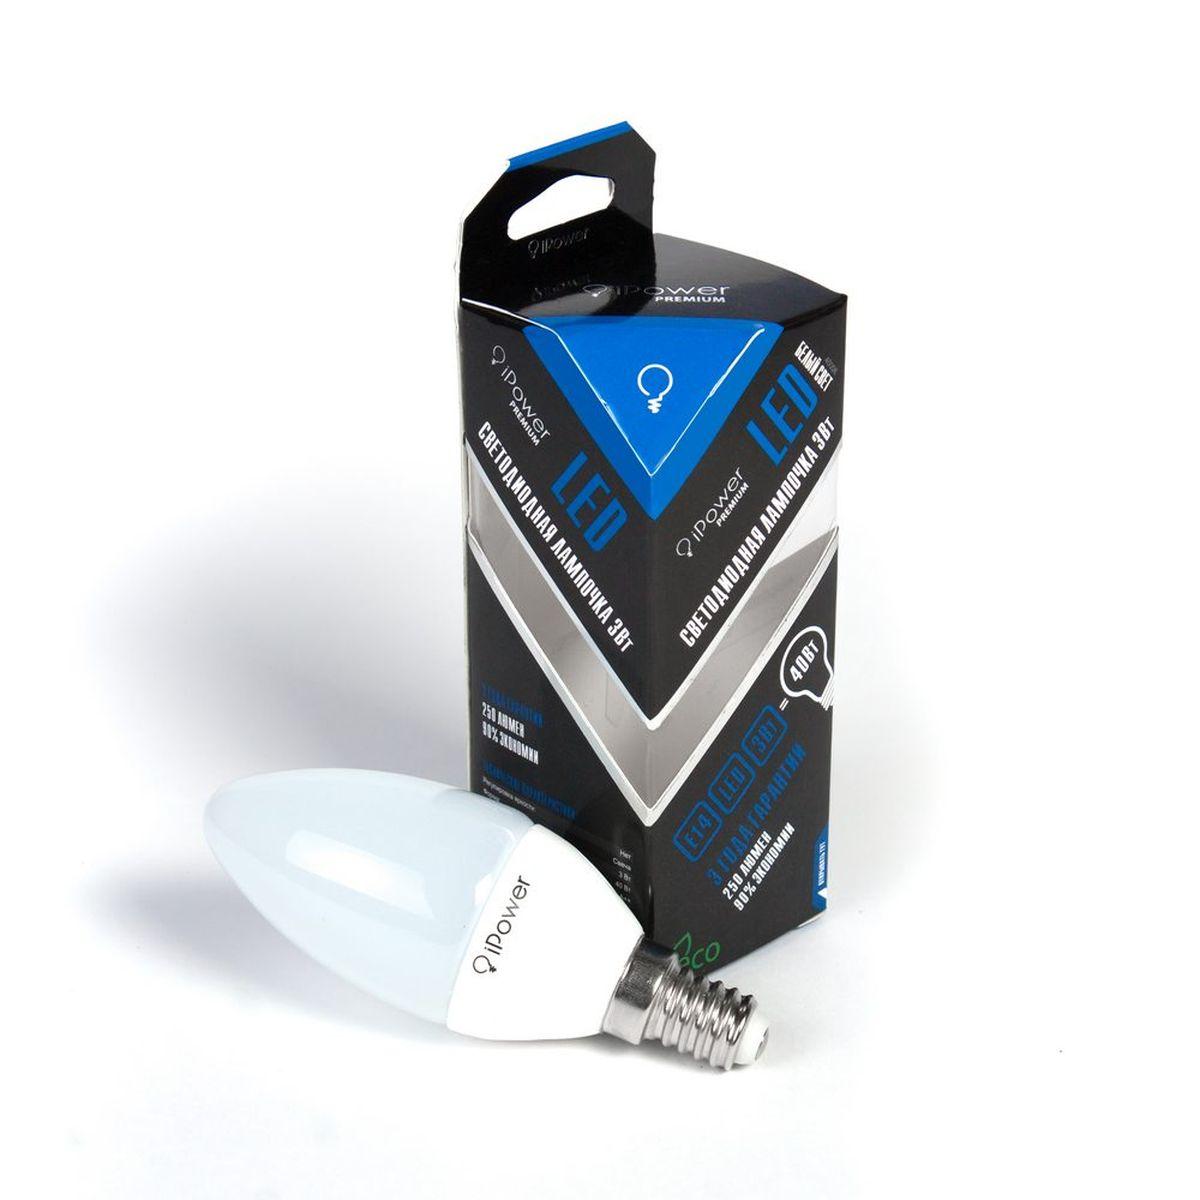 Лампа светодиодная iPower Premium, цоколь Е14, 3W, 4000КC0030771Светодиодная лампа iPower Premium имеет очень низкое энергопотребление. В сравнении с лампами накаливания LED потребляет в 12 разменьше электричества, а в сравнении с энергосберегающими - в 2-4 раза меньше. При этом срок службы LED лампочки в 5 раз выше, чемэнергосберегающей, и в 50 раз выше, чем у лампы накаливания. Светодиодная лампа iPower Premium создает мягкий рассеивающий свет безмерцаний, что совершенно безопасно для глаз. Она специально разработана по требованиям российских и европейских законов и подходит ковсем осветительным устройствам, совместимым со стандартным цоколем E27. Использование светодиодов от мирового лидера Epistar - этозалог надежной и стабильной работы лампы. Нейтральный белый оттенок свечения идеально подойдет для освещения, как офисов,образовательных и медицинских учреждений, так и кухни, гостиной.Диапазон рабочих температур: от -50°C до +50°С.Материал: алюминий, поликарбонат.Потребляемая мощность: 3 Вт.Рабочее напряжение: 220В.Световая температура: 4000К (белый свет).Срок службы: 50000 часов.Форма: свеча.Цоколь: миньон (E14).Эквивалент мощности лампы накаливания: 40 Вт.Яркость свечения: 250 Лм.